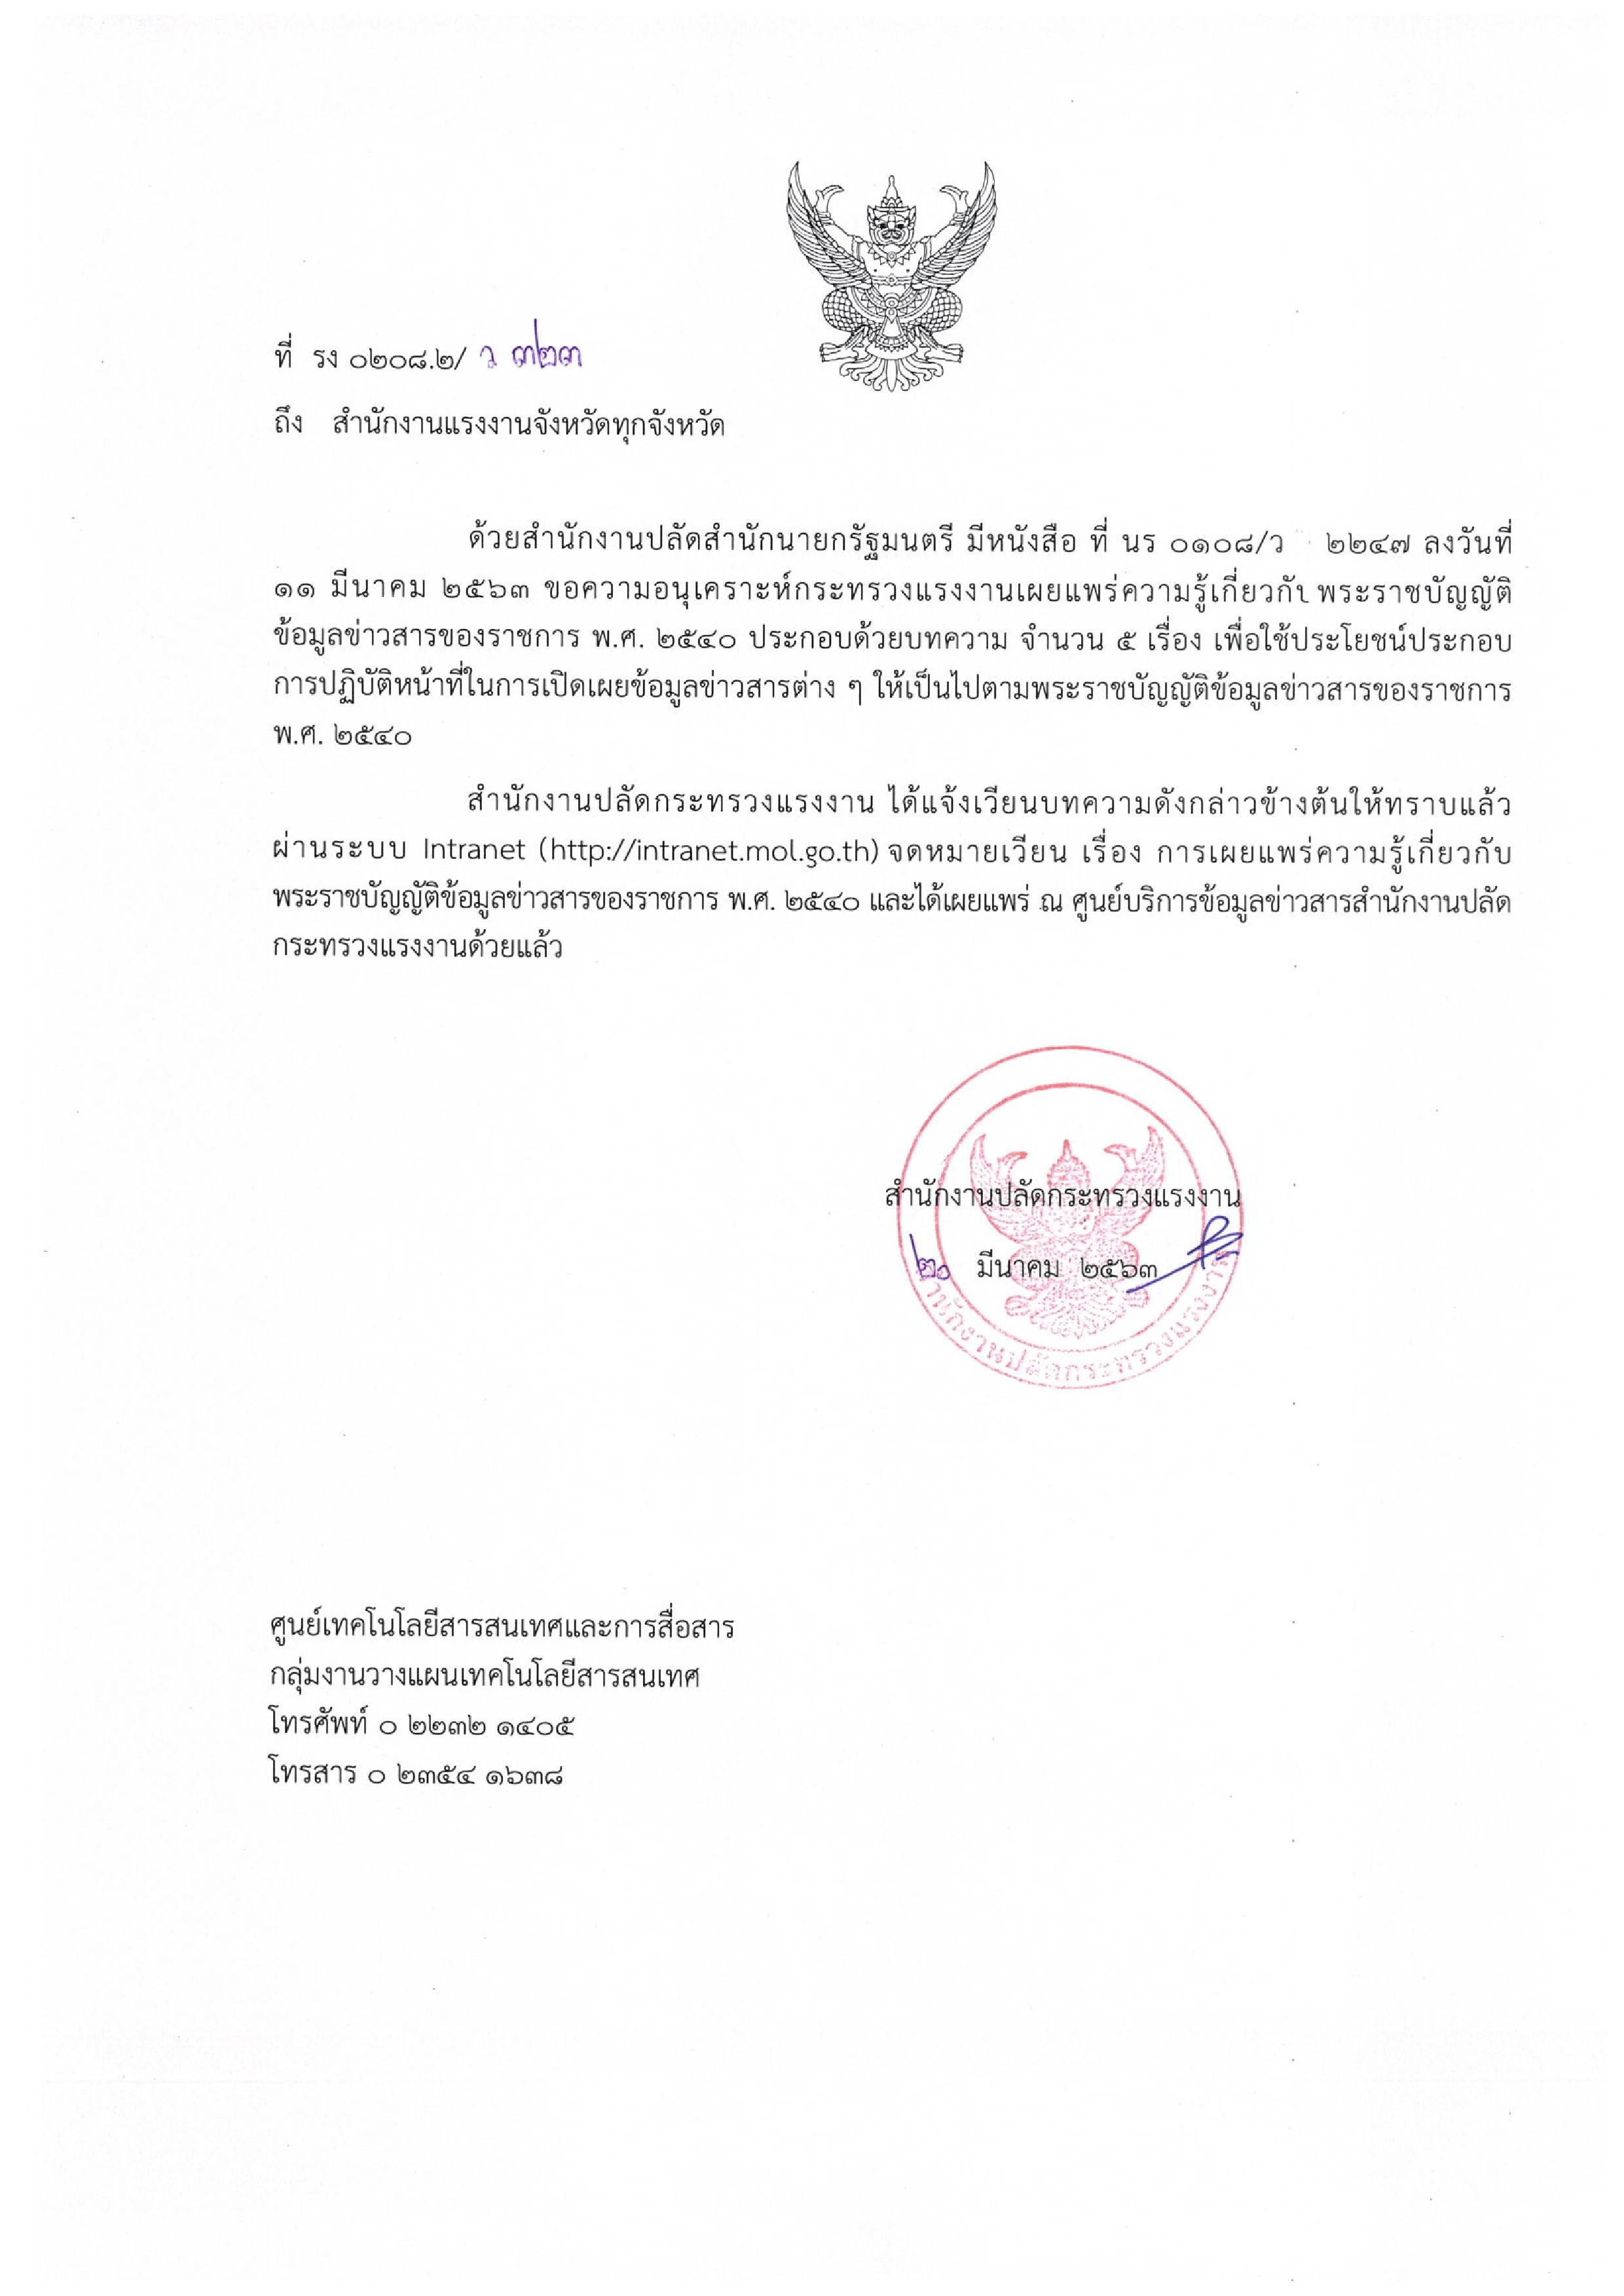 การเผยแพร่ความรู้เกี่ยวกับพระราชบัญญัติข้อมูลข่าวสารของราชการ พ.ศ. 2540 (นร 0108/ว 2247 ลงวันที่ 11 มีนาคม 2563)